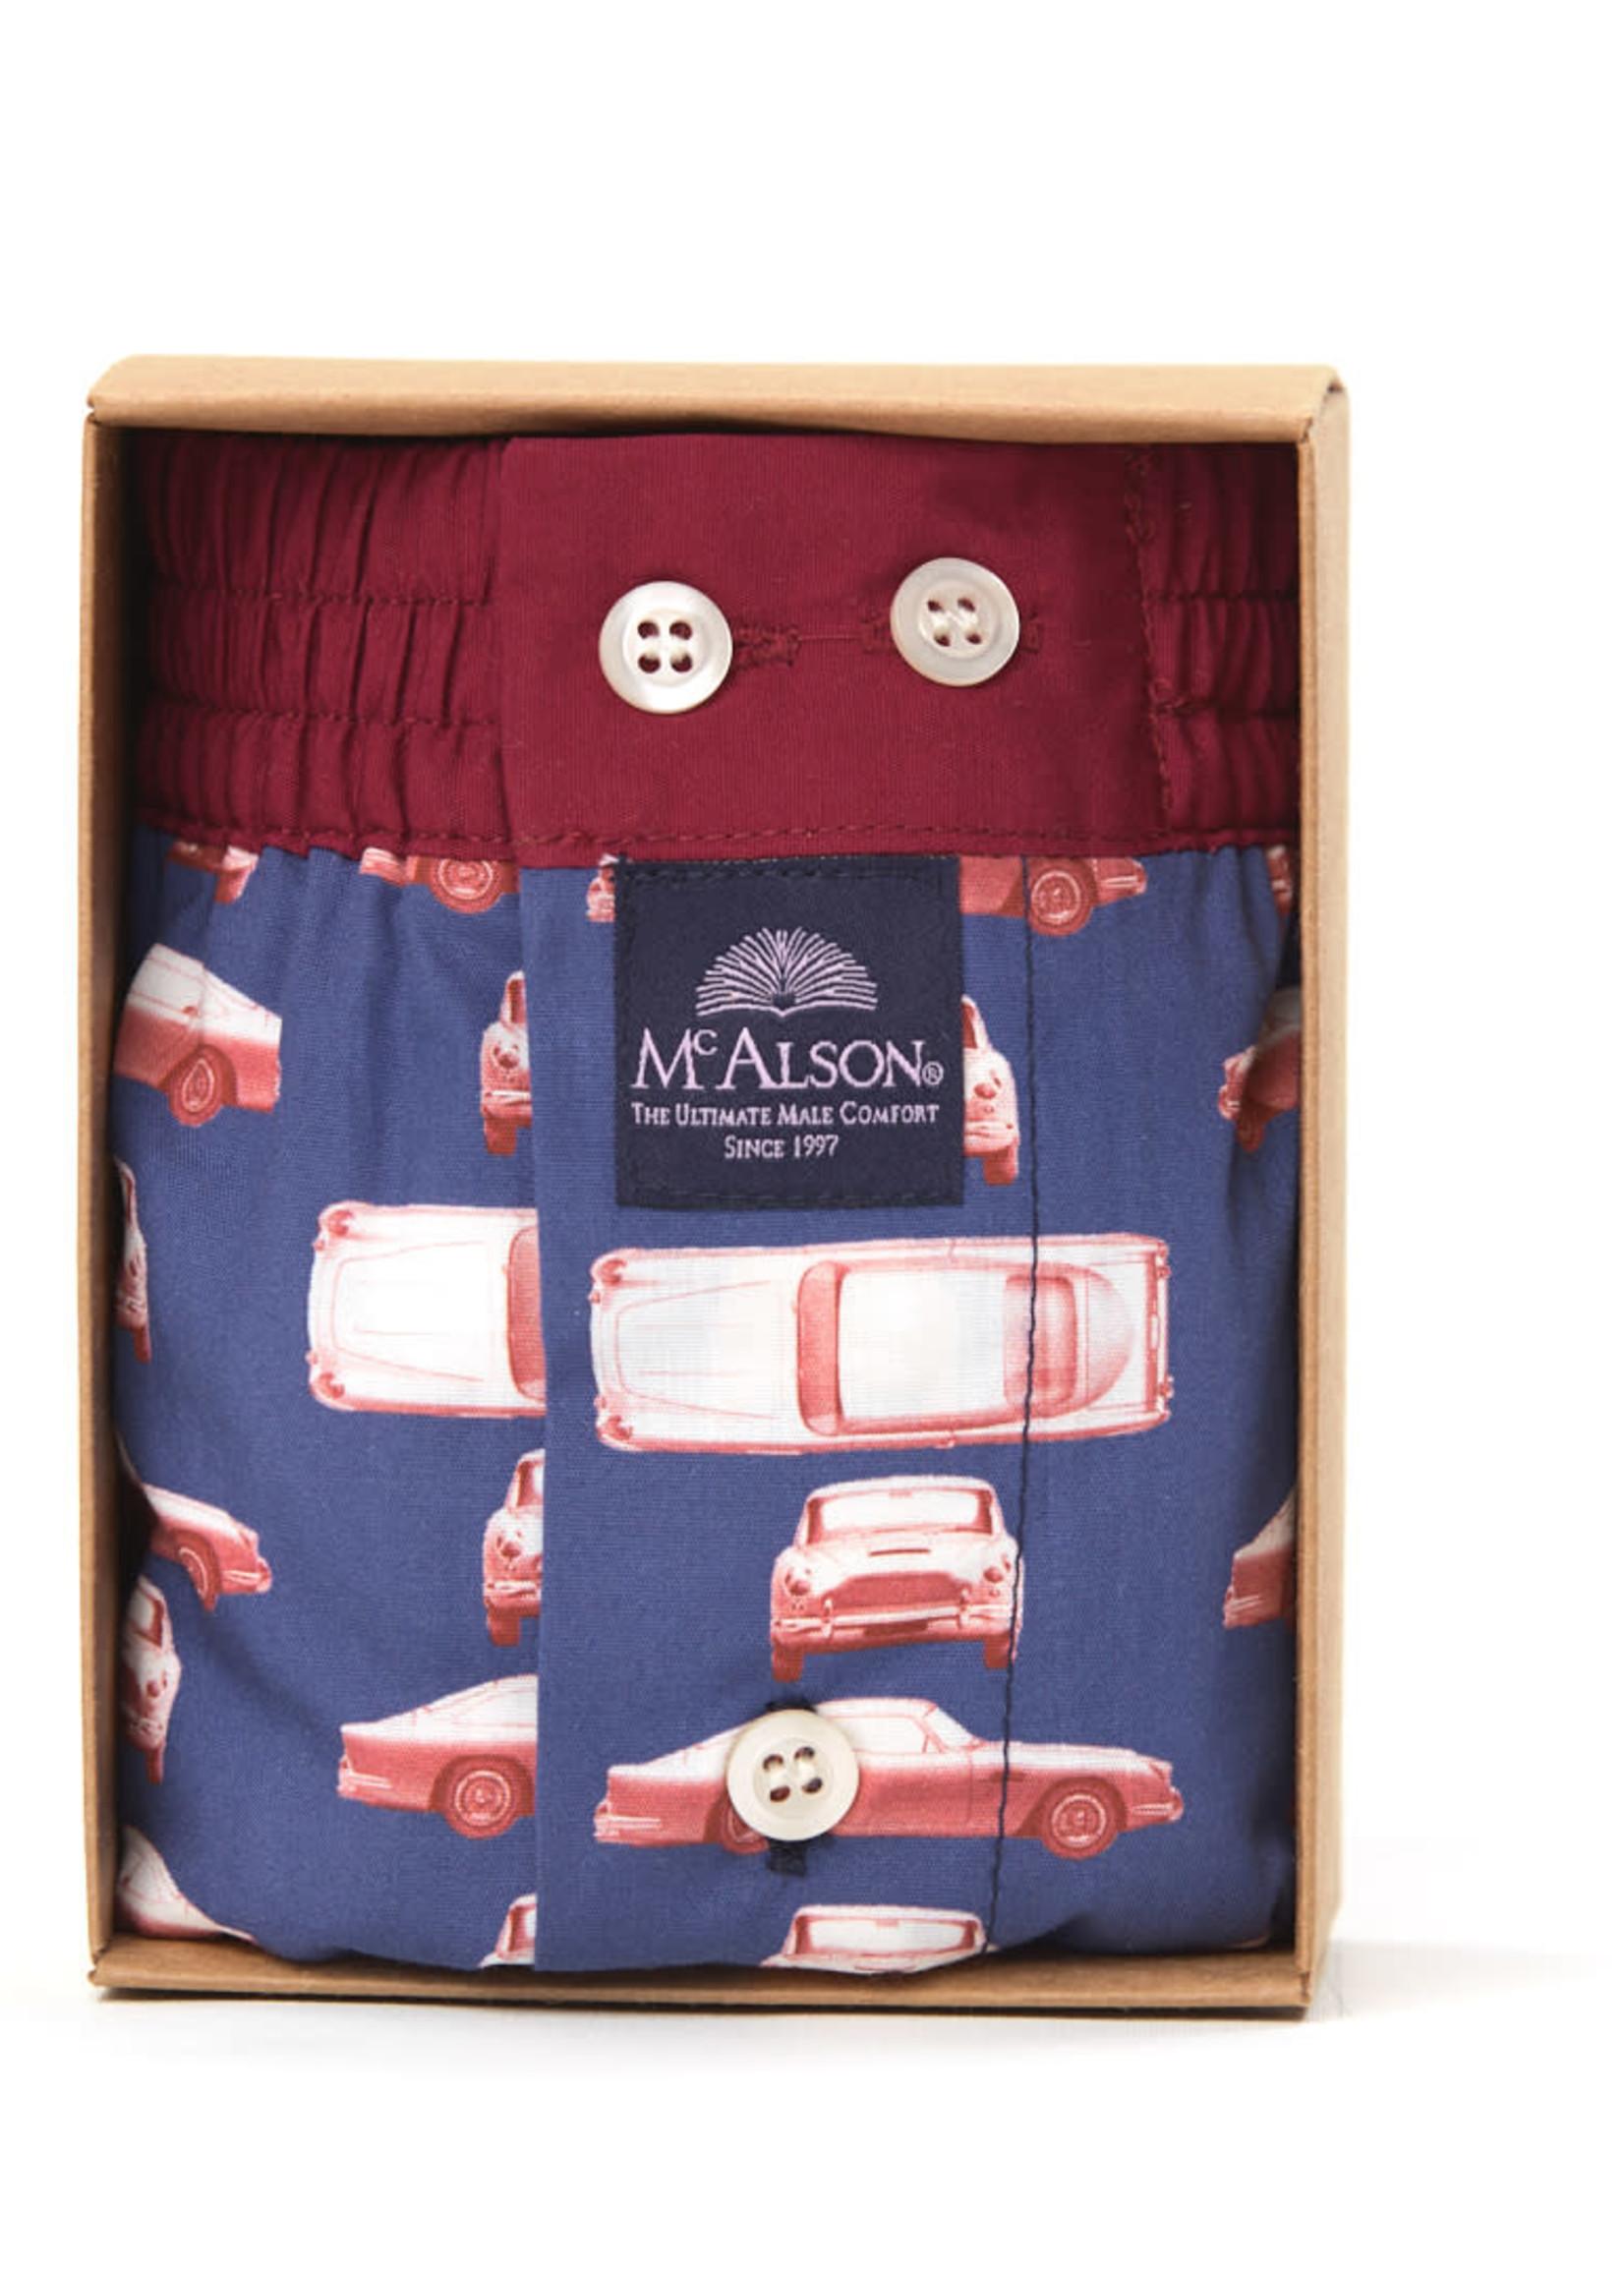 Mc Alson Caleçon | M4064 | Mc Alson